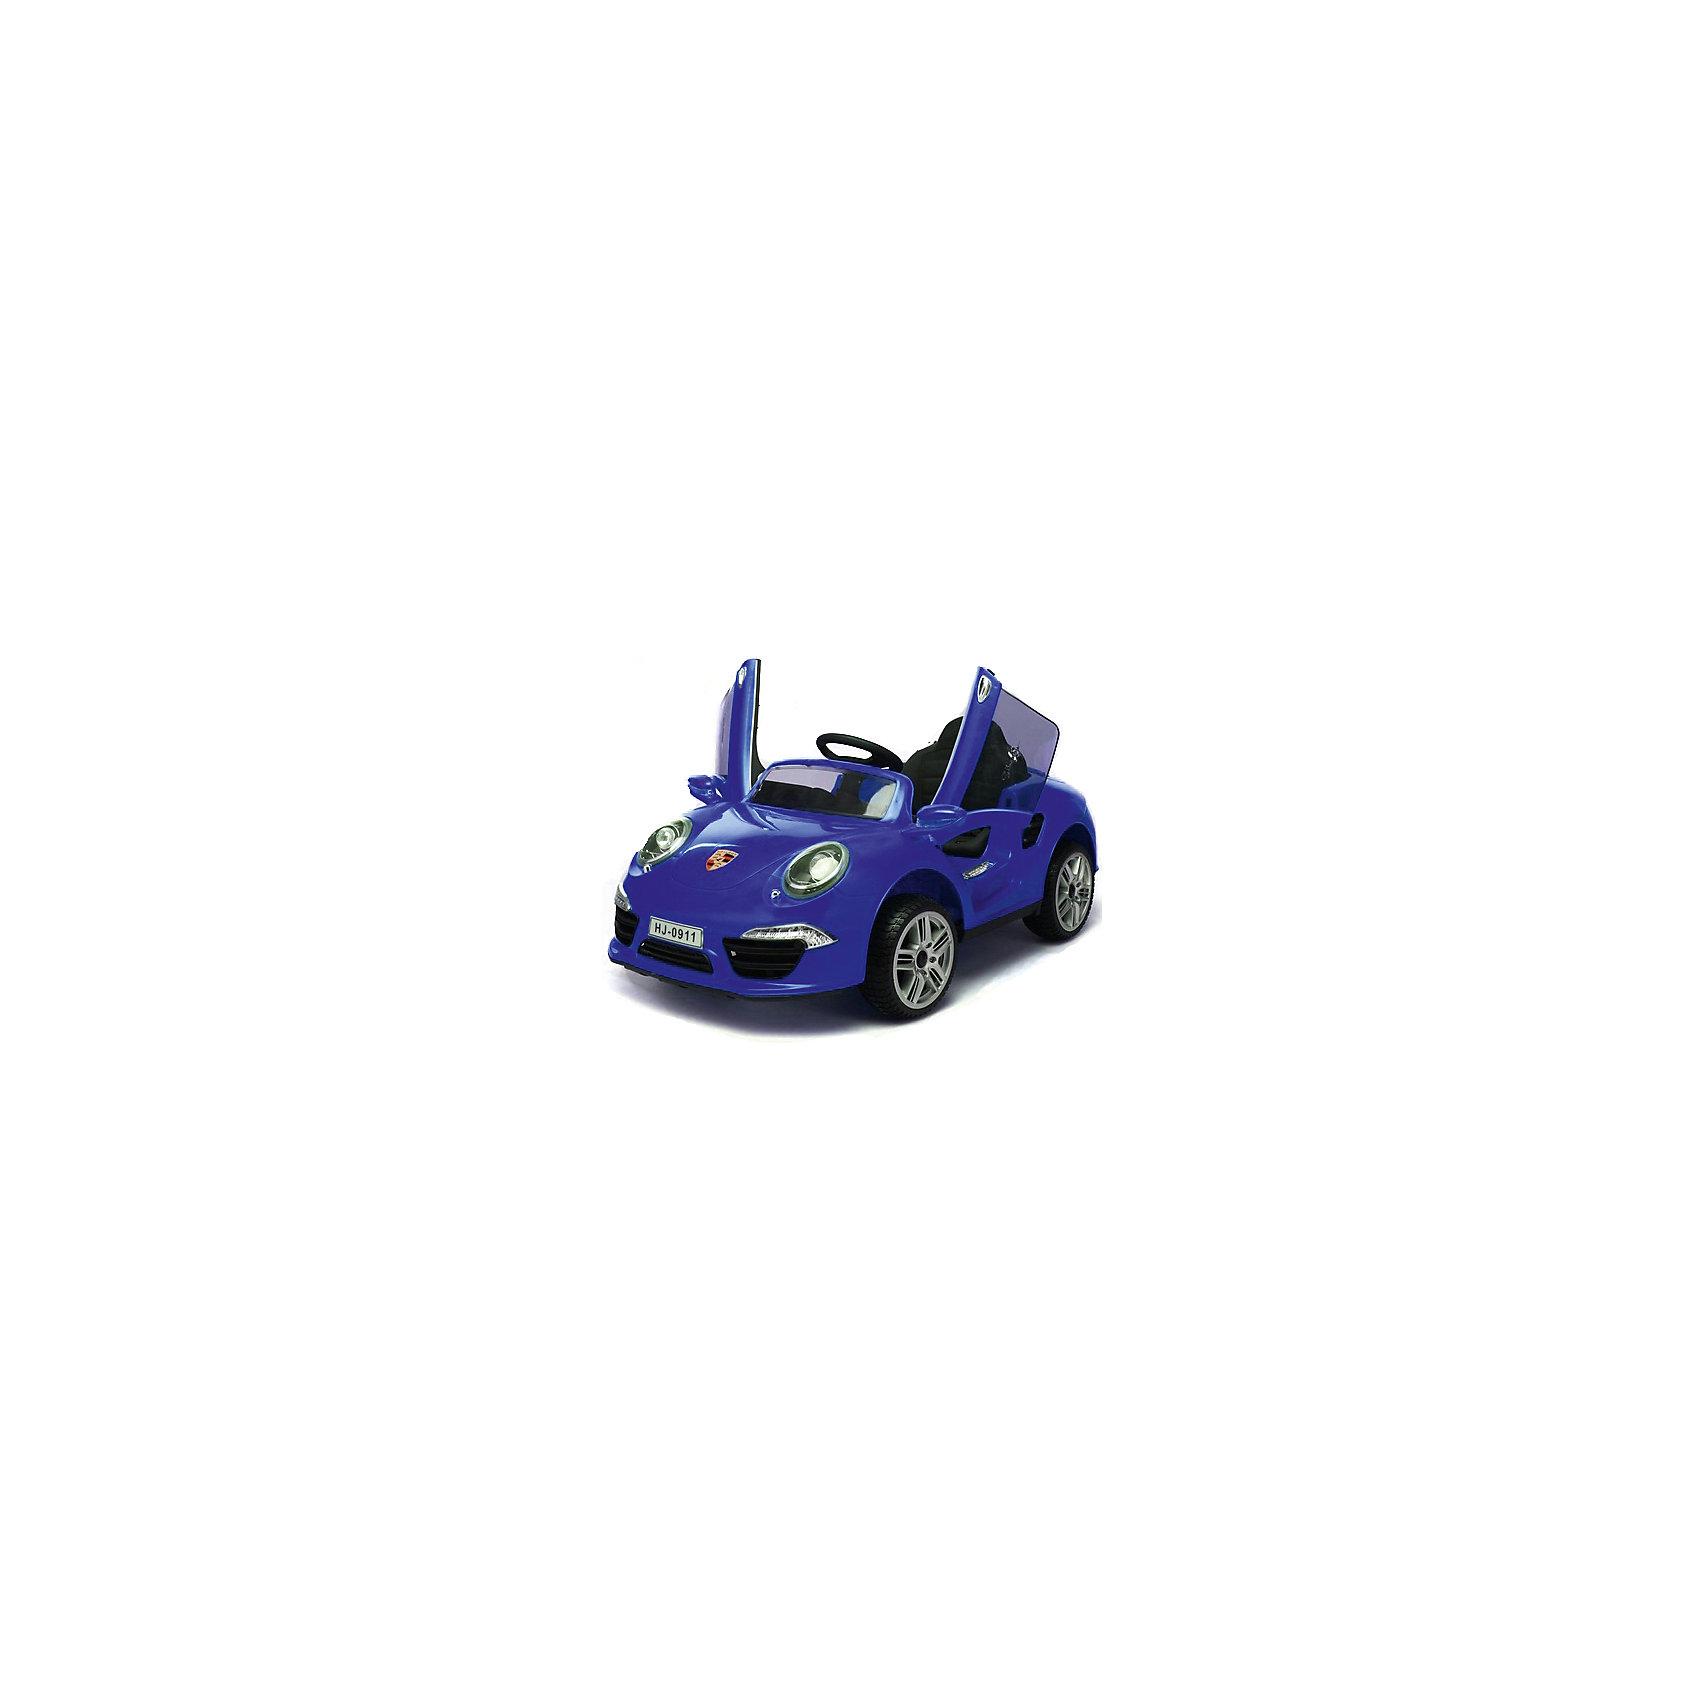 Аккумуляторная машина Порше 911, синий, 1toyЭлектромобили<br>Аккумуляторная машина Порше 911, синий, 1toy (Ван Той)<br><br>Характеристики:<br><br>• реалистичная модель Порше 911<br>• световые и звуковые эффекты<br>• регулируемая громкость<br>• 2 скорости<br>• открывающиеся двери<br>• светящиеся колеса<br>• MP3<br>• скорость до 5 км/ч<br>• радиус действия ПДУ: до 20 метров<br>• мотор: 2х25 Вт<br>• аккумулятор: 2х6В/4,5 Ач<br>• время игры: до 2 часов<br>• время зарядки: 8-12 часов<br>• размер игрушки: 120х69х50 см<br>• вес: 15 кг<br>• максимальная нагрузка: 30 кг<br>• цвет: синий<br><br>С электромобилем Порше 911 ваш ребенок сможет почувствовать себя настоящим водителем! Машина имеет очень реалистичный дизайн. Дверцы открываются, чтобы маленький гонщик смог воспользоваться электромобилем, как настоящей машиной. Порше 911 имеет световые и звуковые эффекты, а также музыкальное сопровождение. Громкость звука можно регулировать. <br><br>Большой радиус действия пульта управления (до 20 метров) позволит вам контролировать движение ребенка на большом расстоянии. Автомобиль имеет две скорости движения до 5 км/ч. Эта игрушка вызовет восторг у каждого начинающего водителя!<br><br>Аккумуляторную машину Порше 911, синий, 1toy (Ван Той) вы можете купить в нашем интернет-магазине.<br><br>Ширина мм: 1200<br>Глубина мм: 320<br>Высота мм: 570<br>Вес г: 18000<br>Возраст от месяцев: 36<br>Возраст до месяцев: 2147483647<br>Пол: Унисекс<br>Возраст: Детский<br>SKU: 5440870